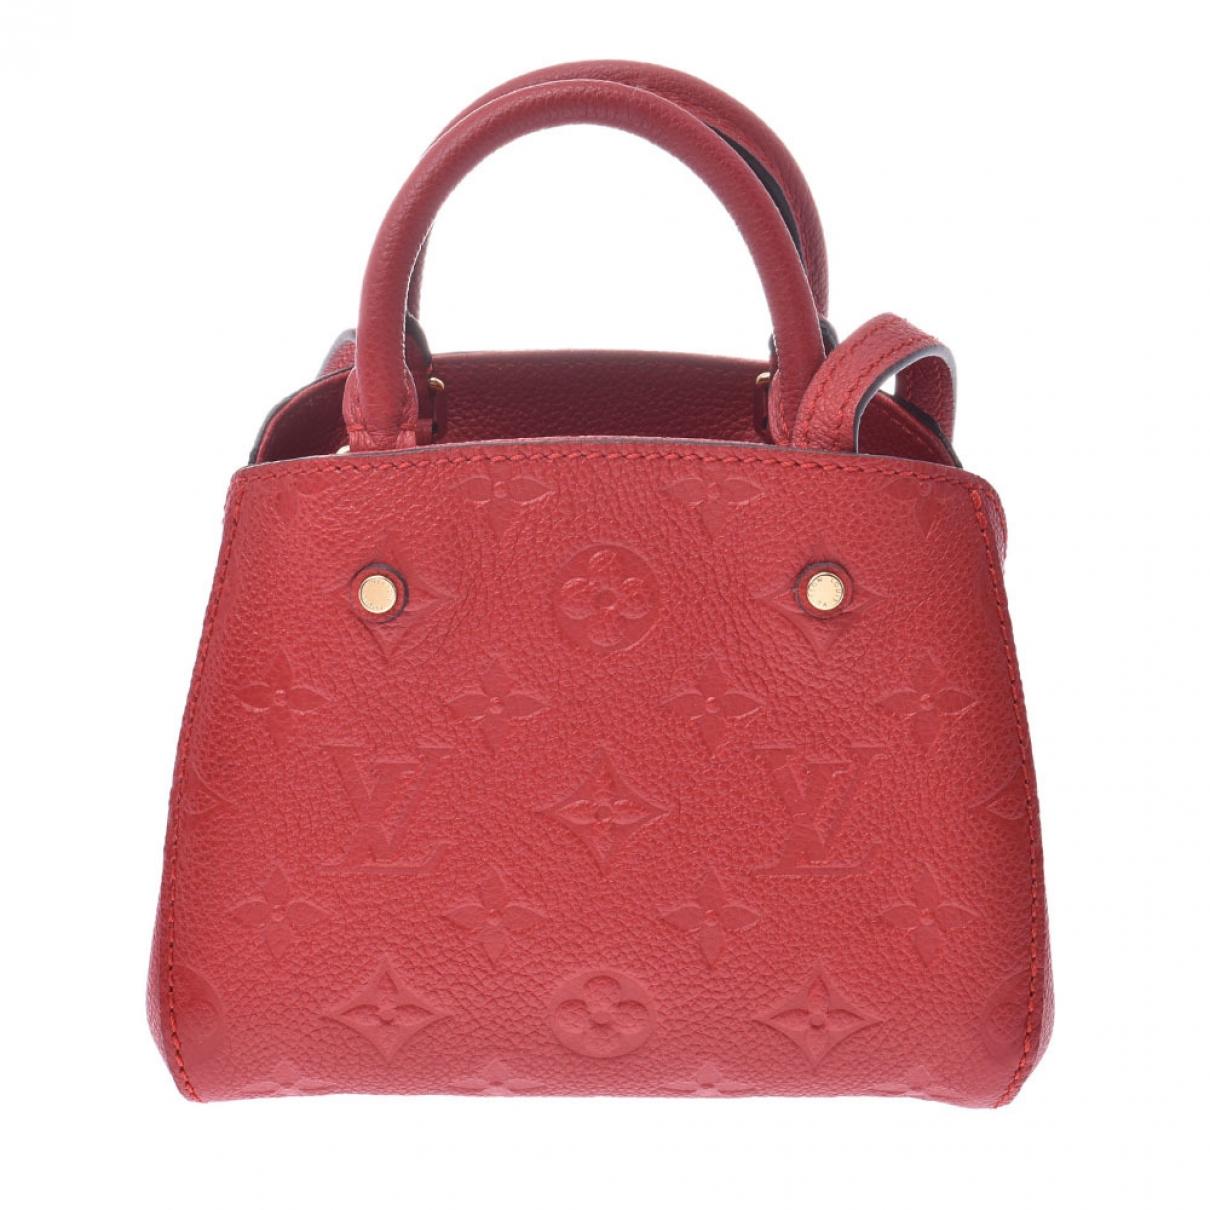 Bolso  Montaigne de Lona Louis Vuitton